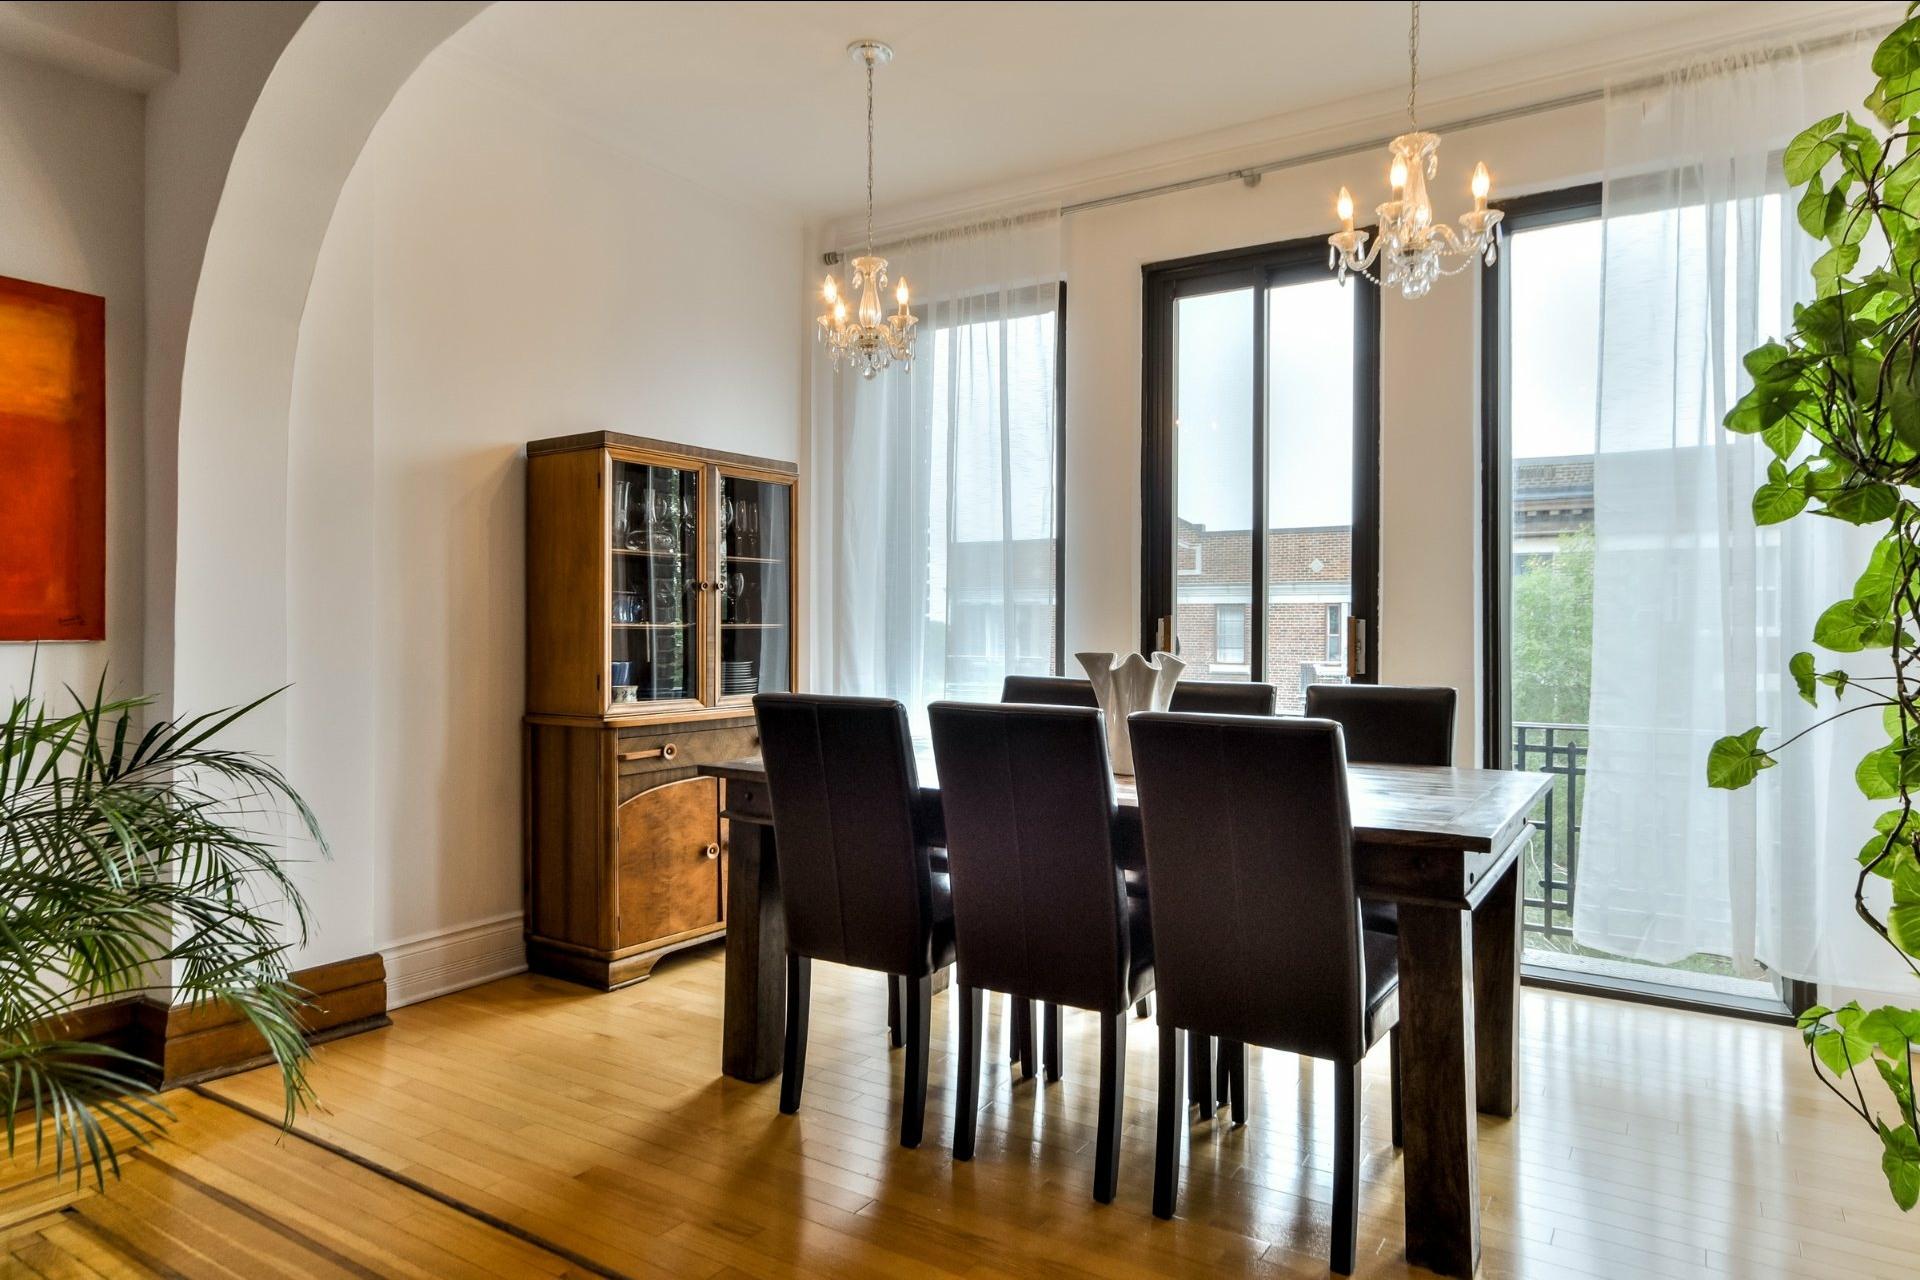 image 5 - Apartment For sale Outremont Montréal  - 7 rooms